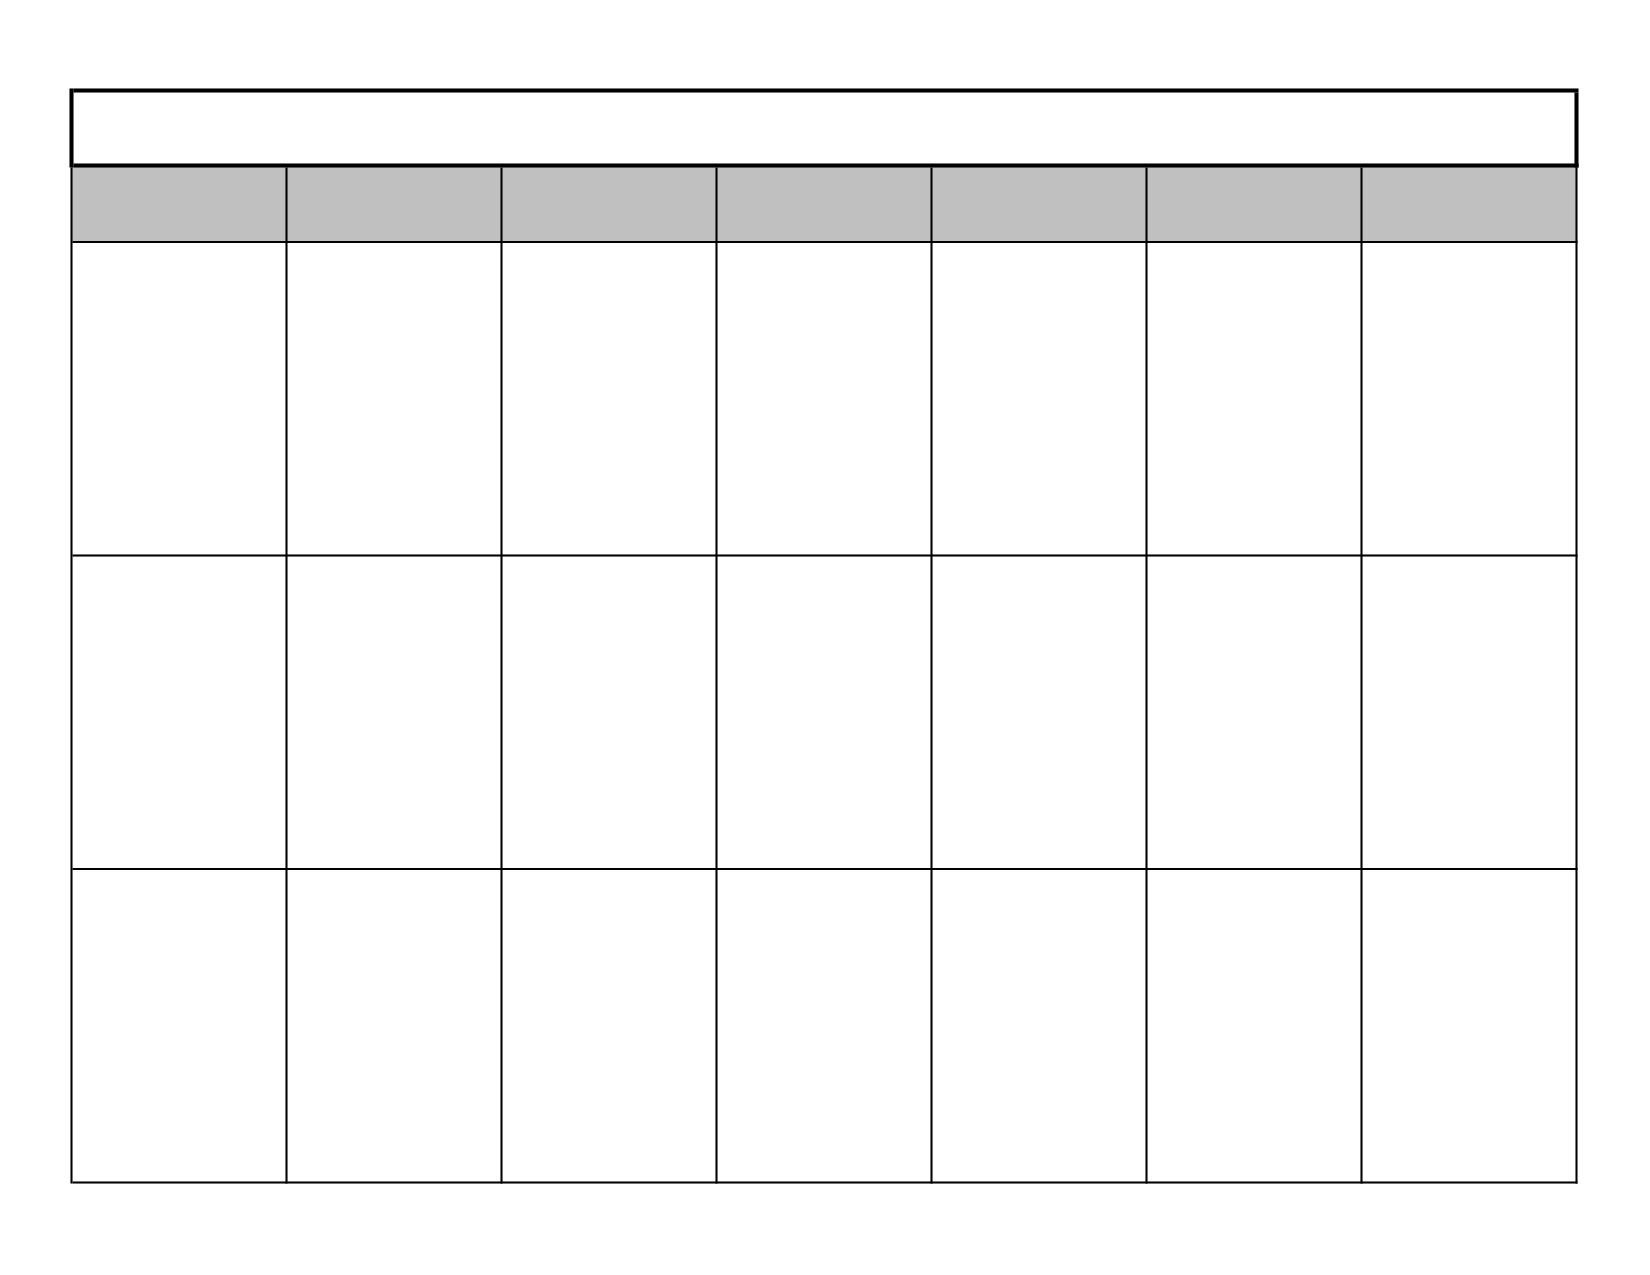 3 Week Calendar - Bance